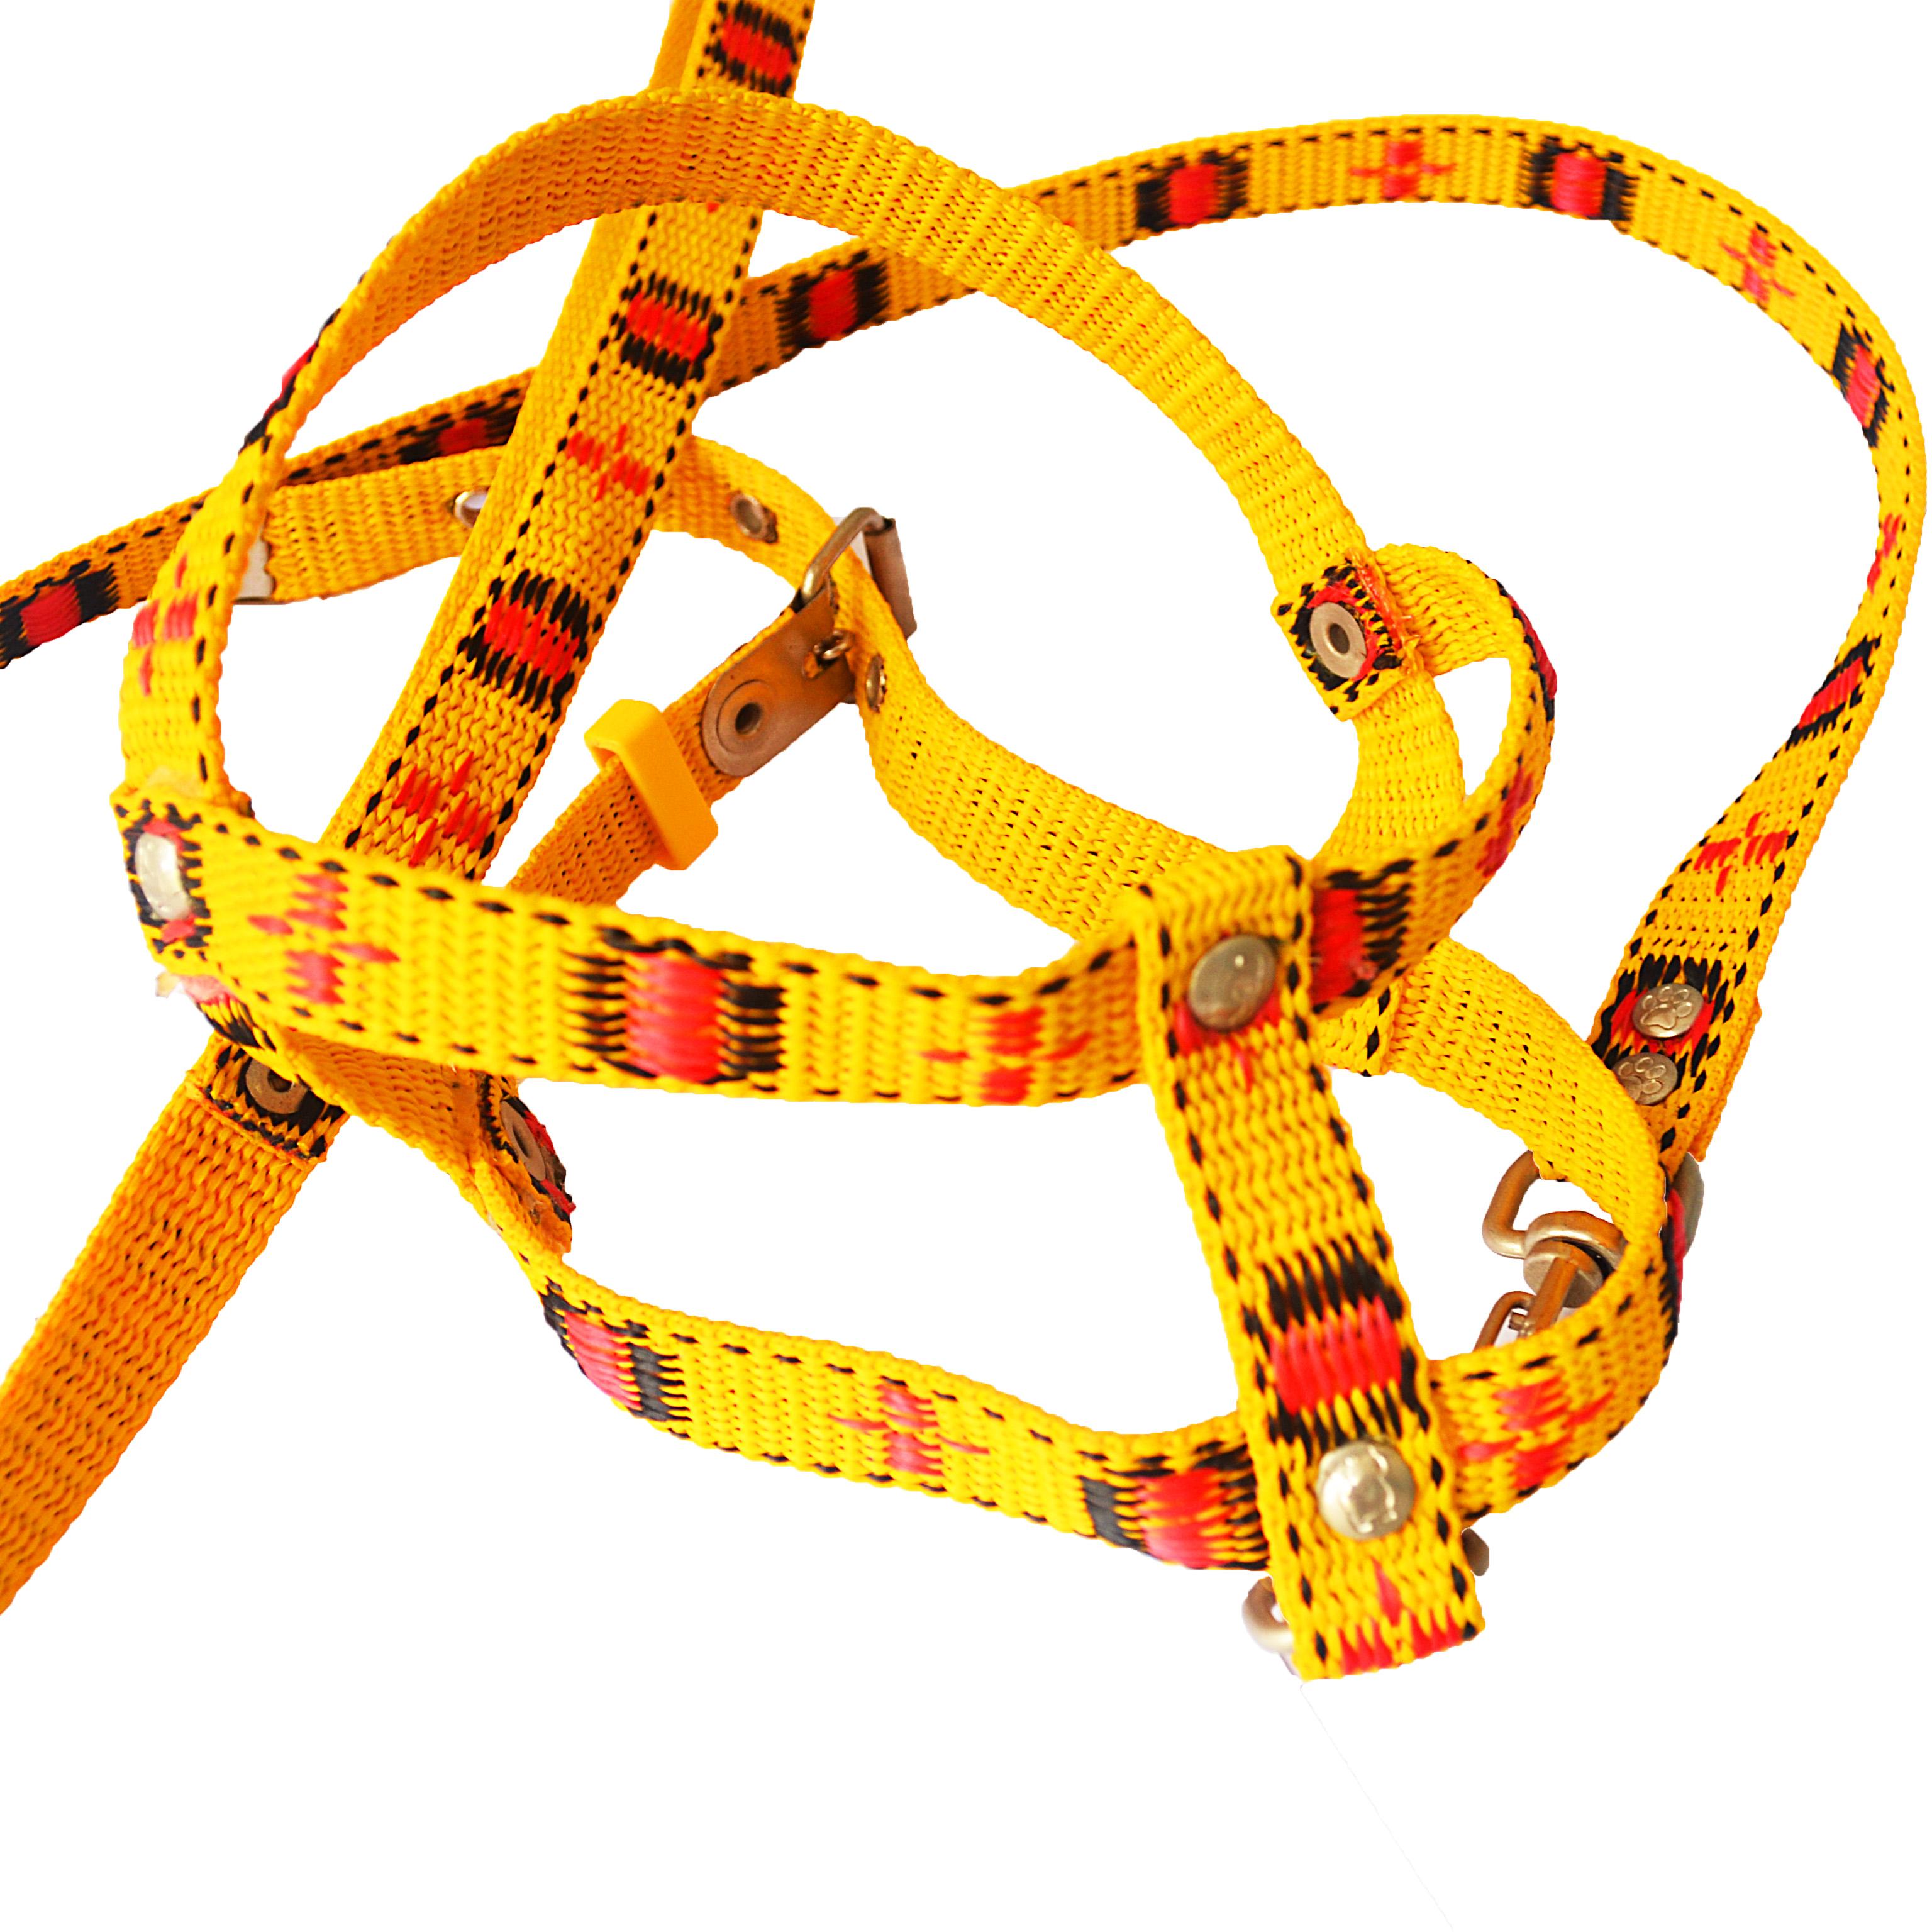 Peitoral com Guia tiras médias pequeno porte yellow & red